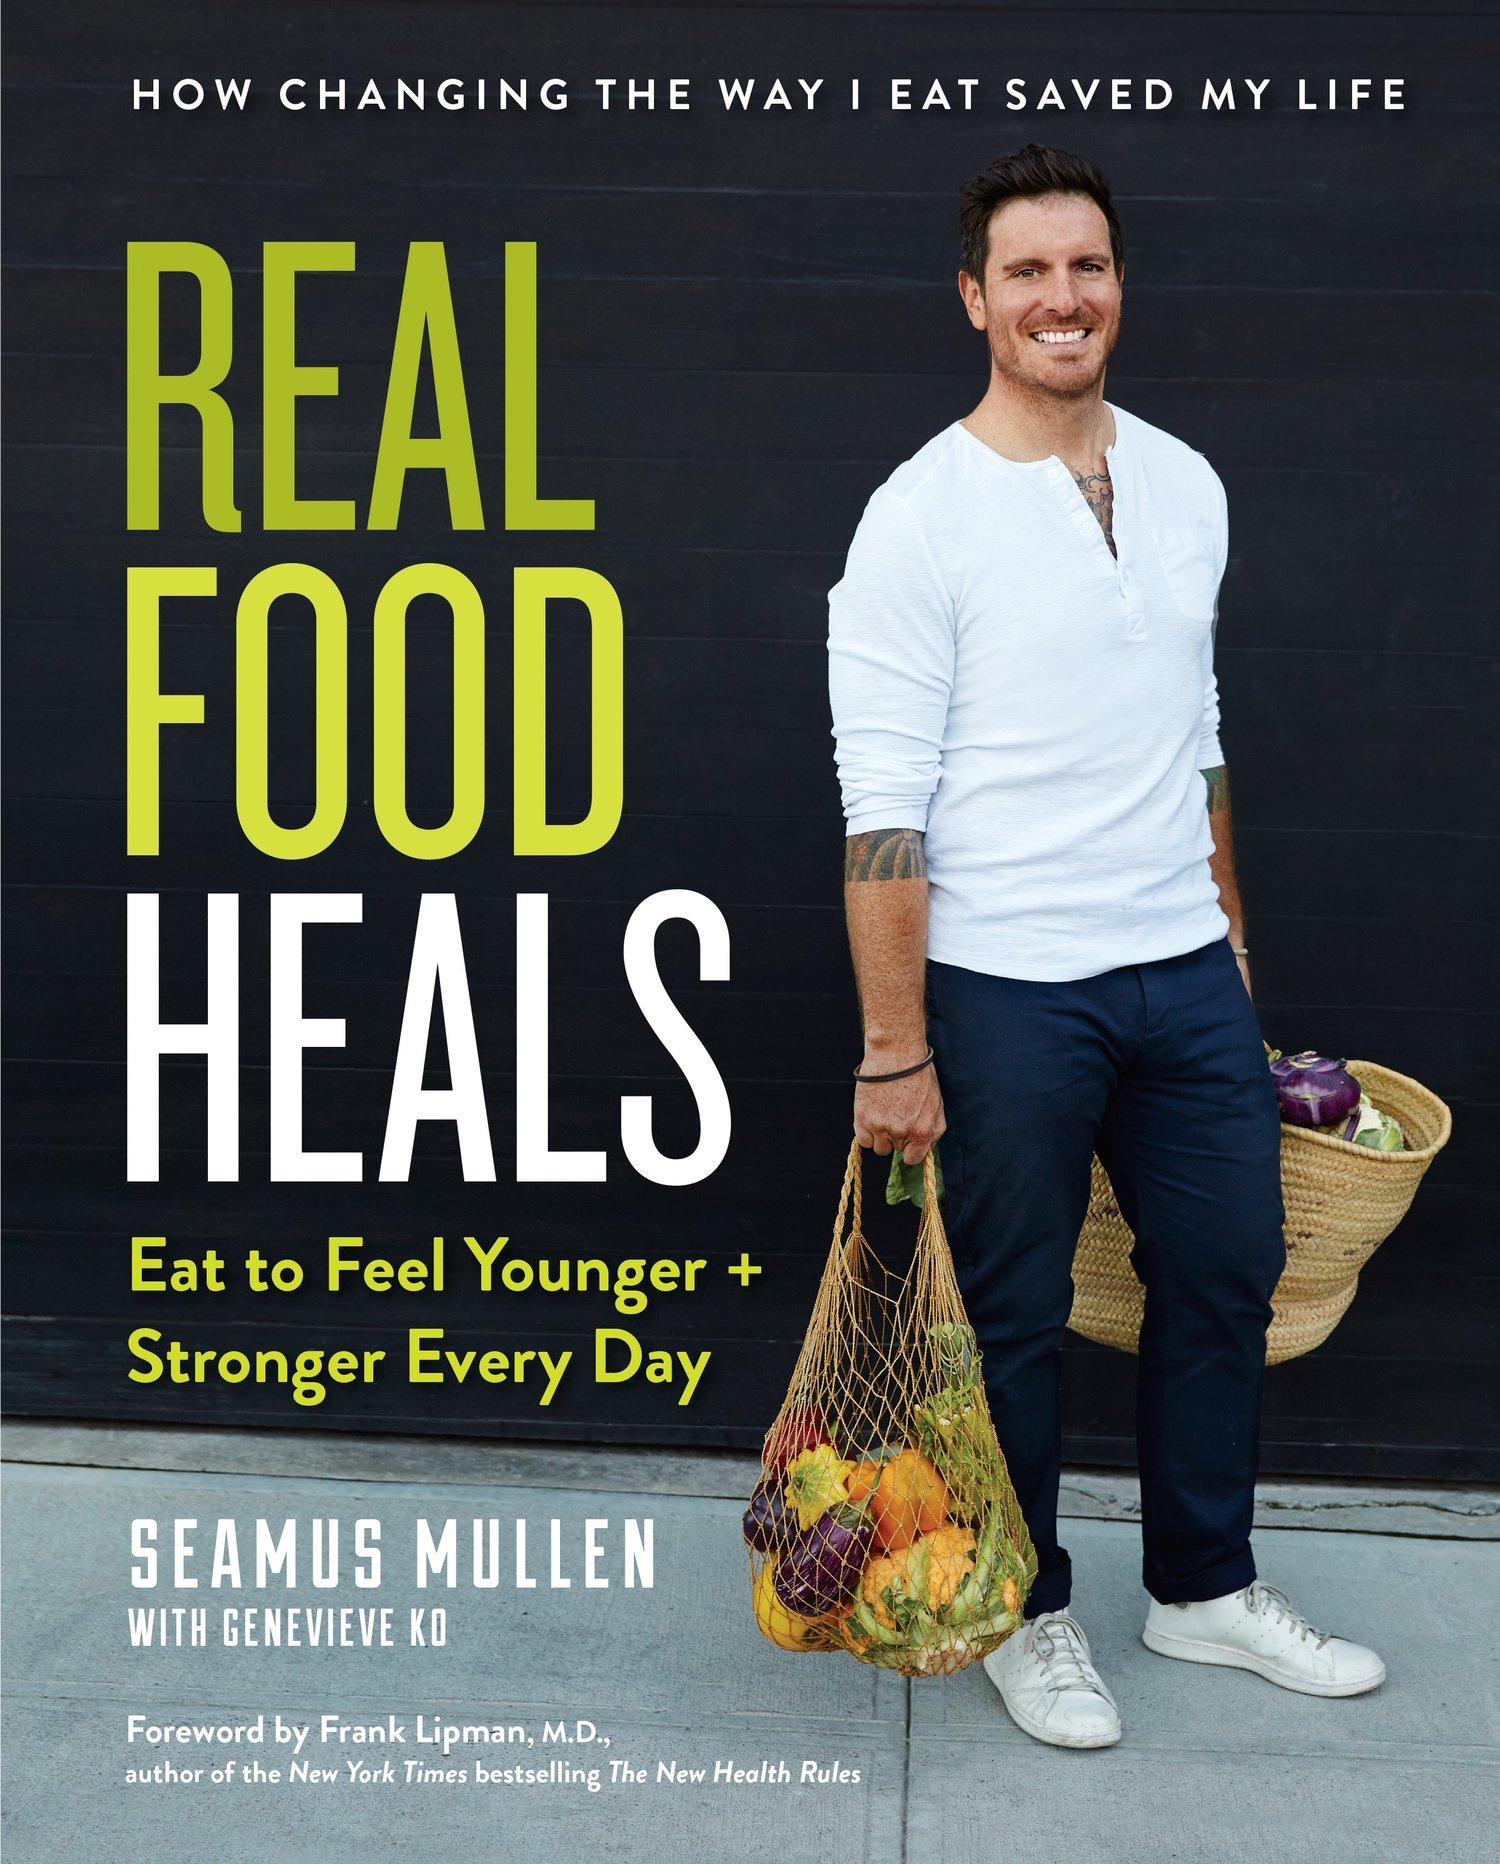 Chef Seamus Mullen